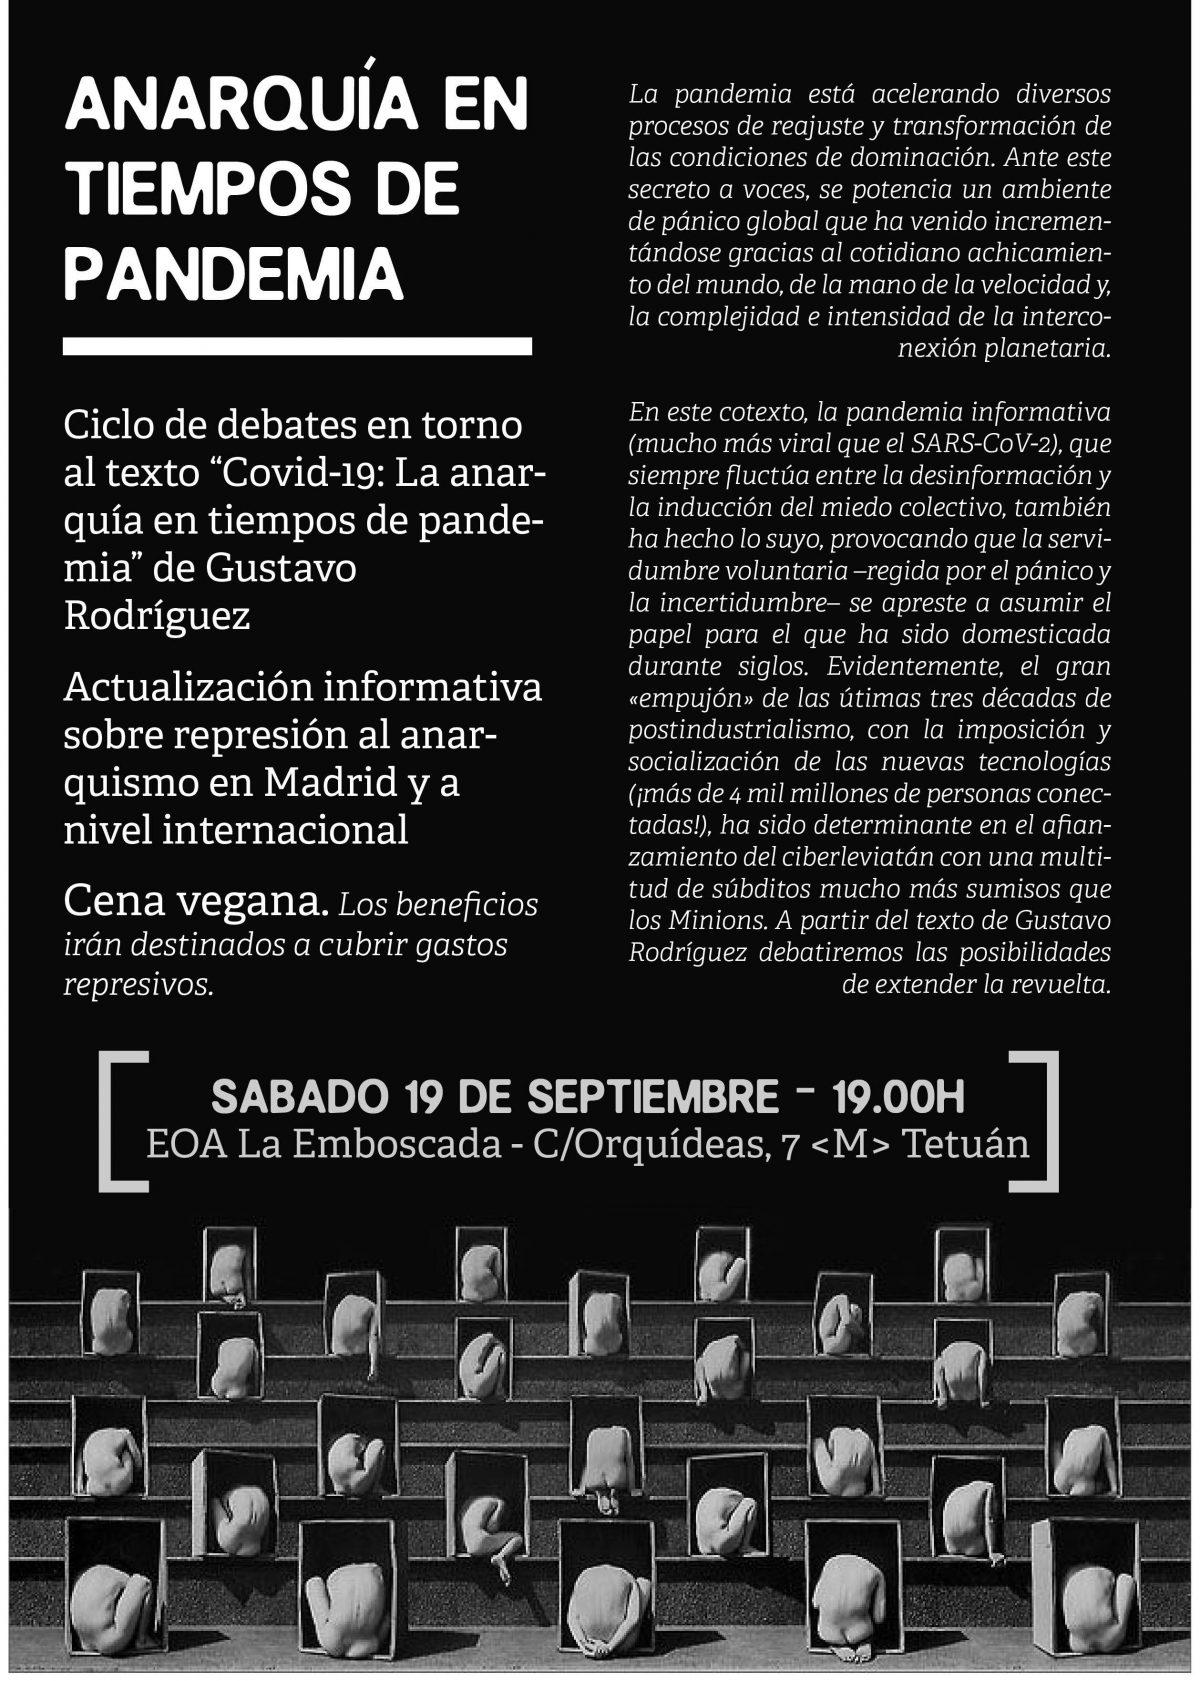 Anarquía en tiempos de pandemia